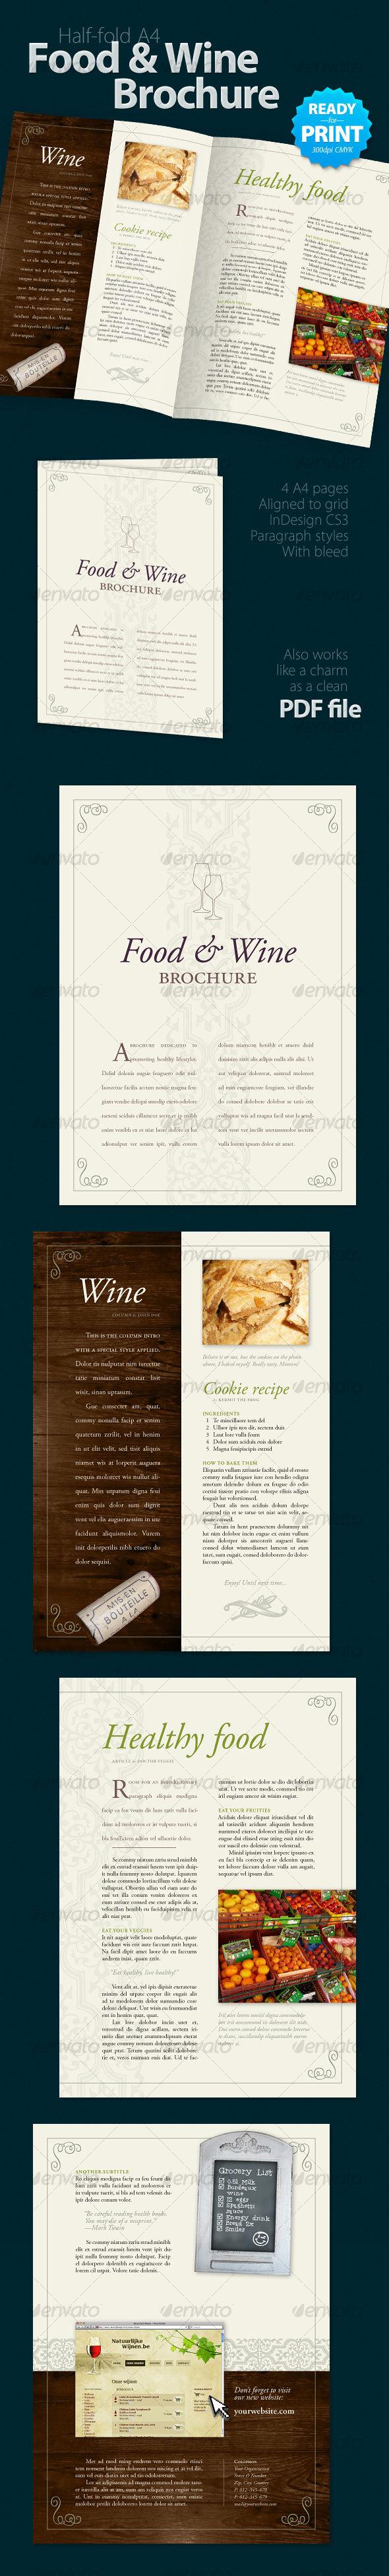 Food & Wine Brochure (4 Pages) - Food Menus Print Templates